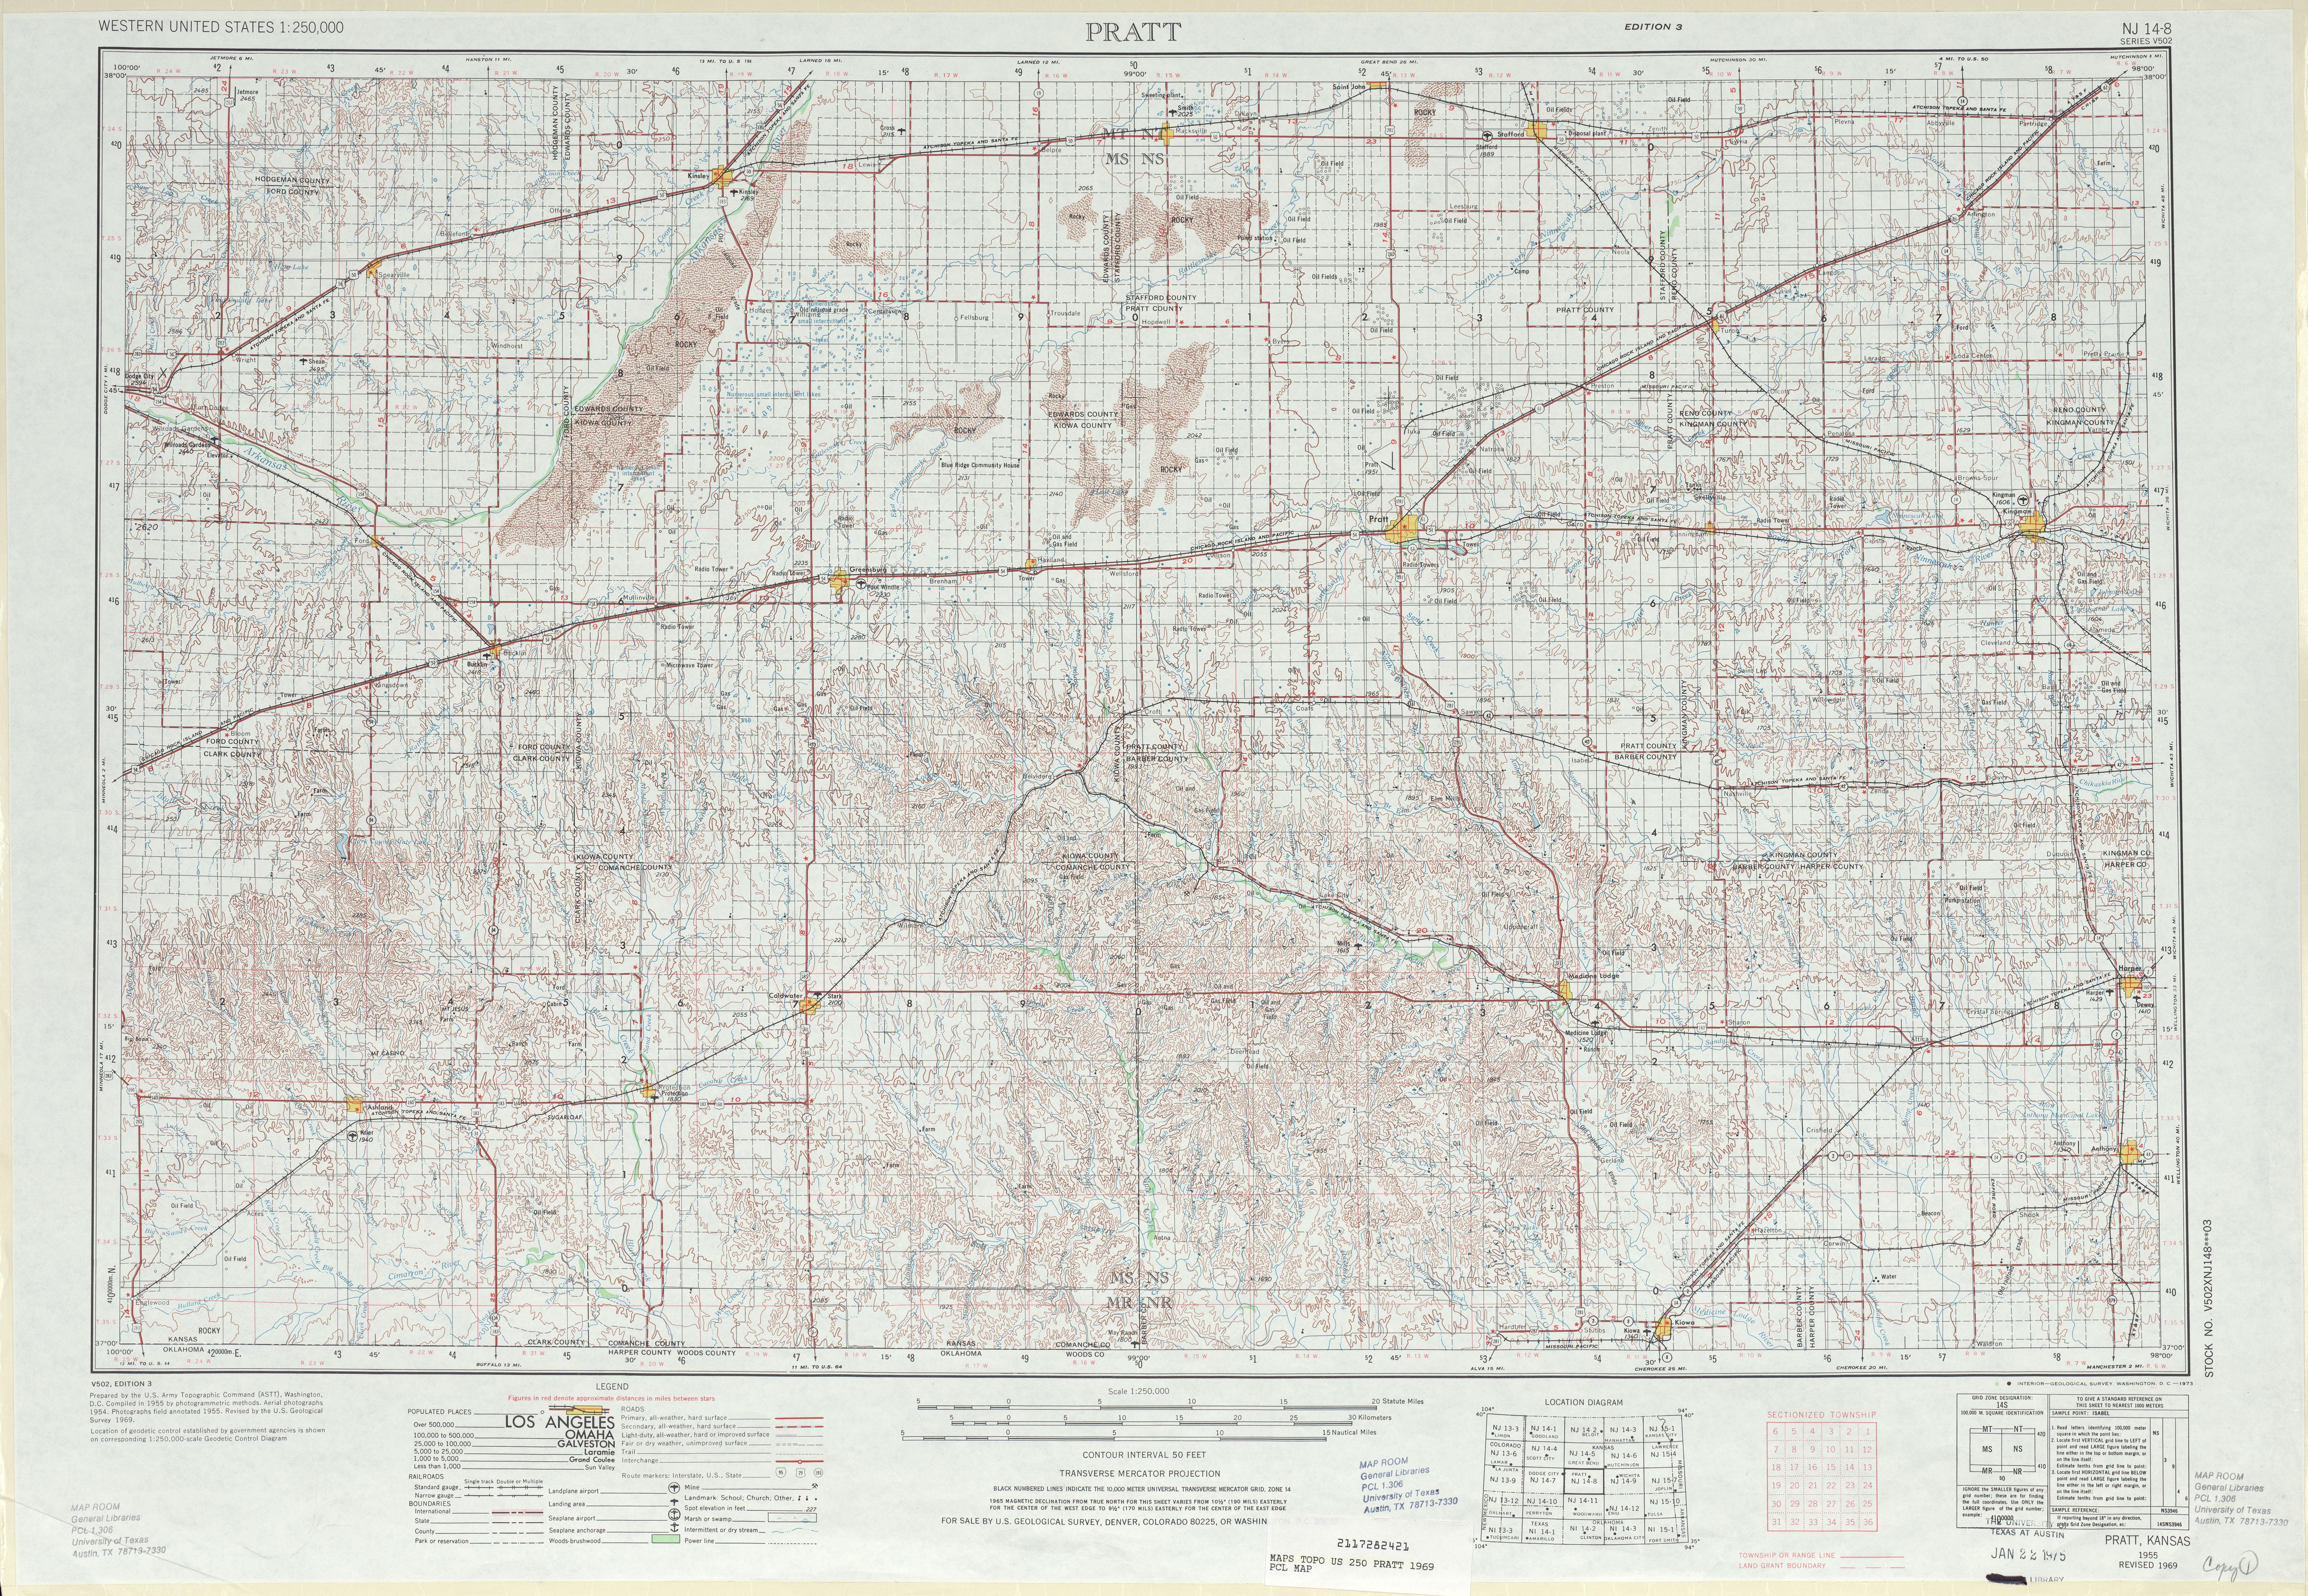 Hoja Pratt del Mapa Topográfico de los Estados Unidos 1969